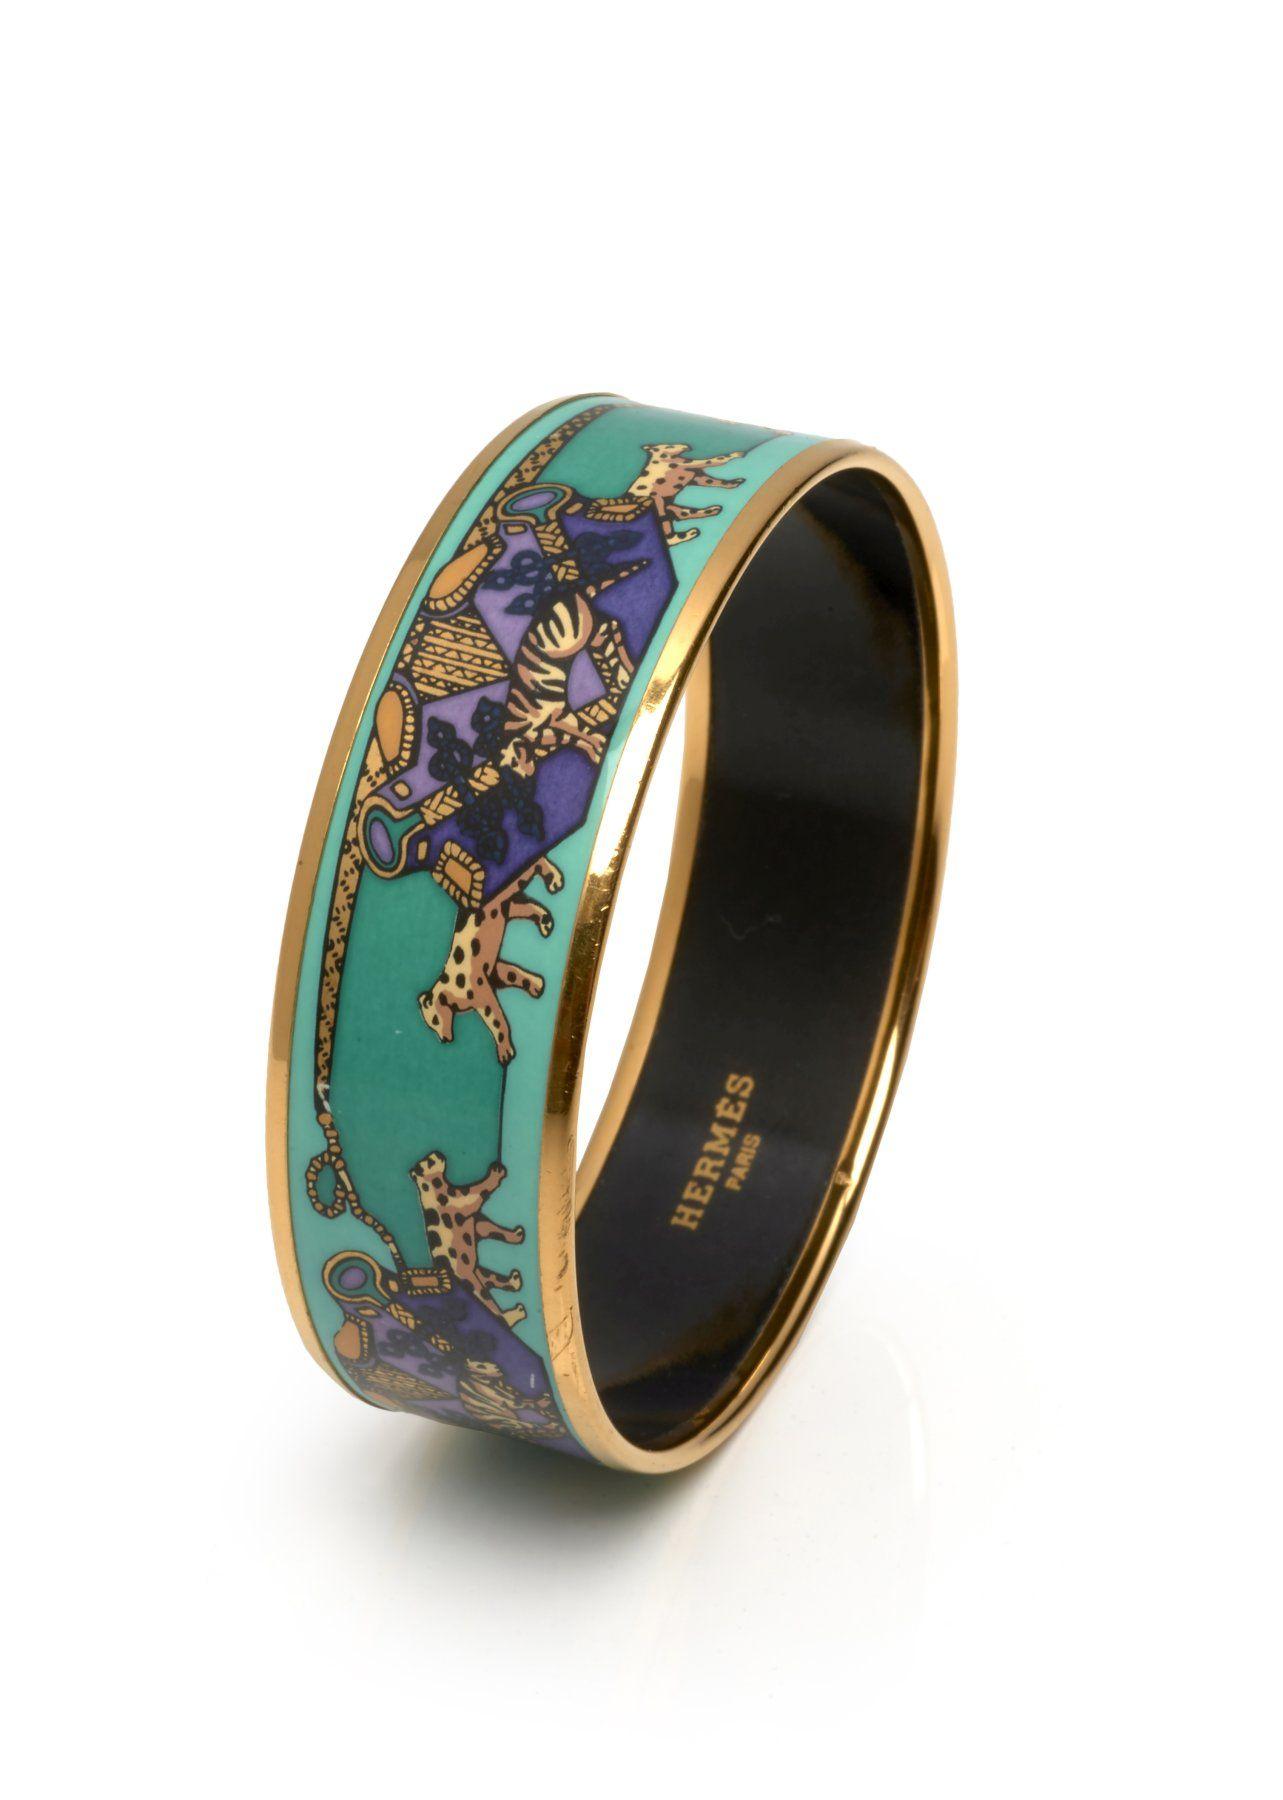 HERMES Bracelet Email, métal plaqué or A décor de panthères Diamètre  environ 6,5 cm Estimation   150 200€ b8db2a3feac